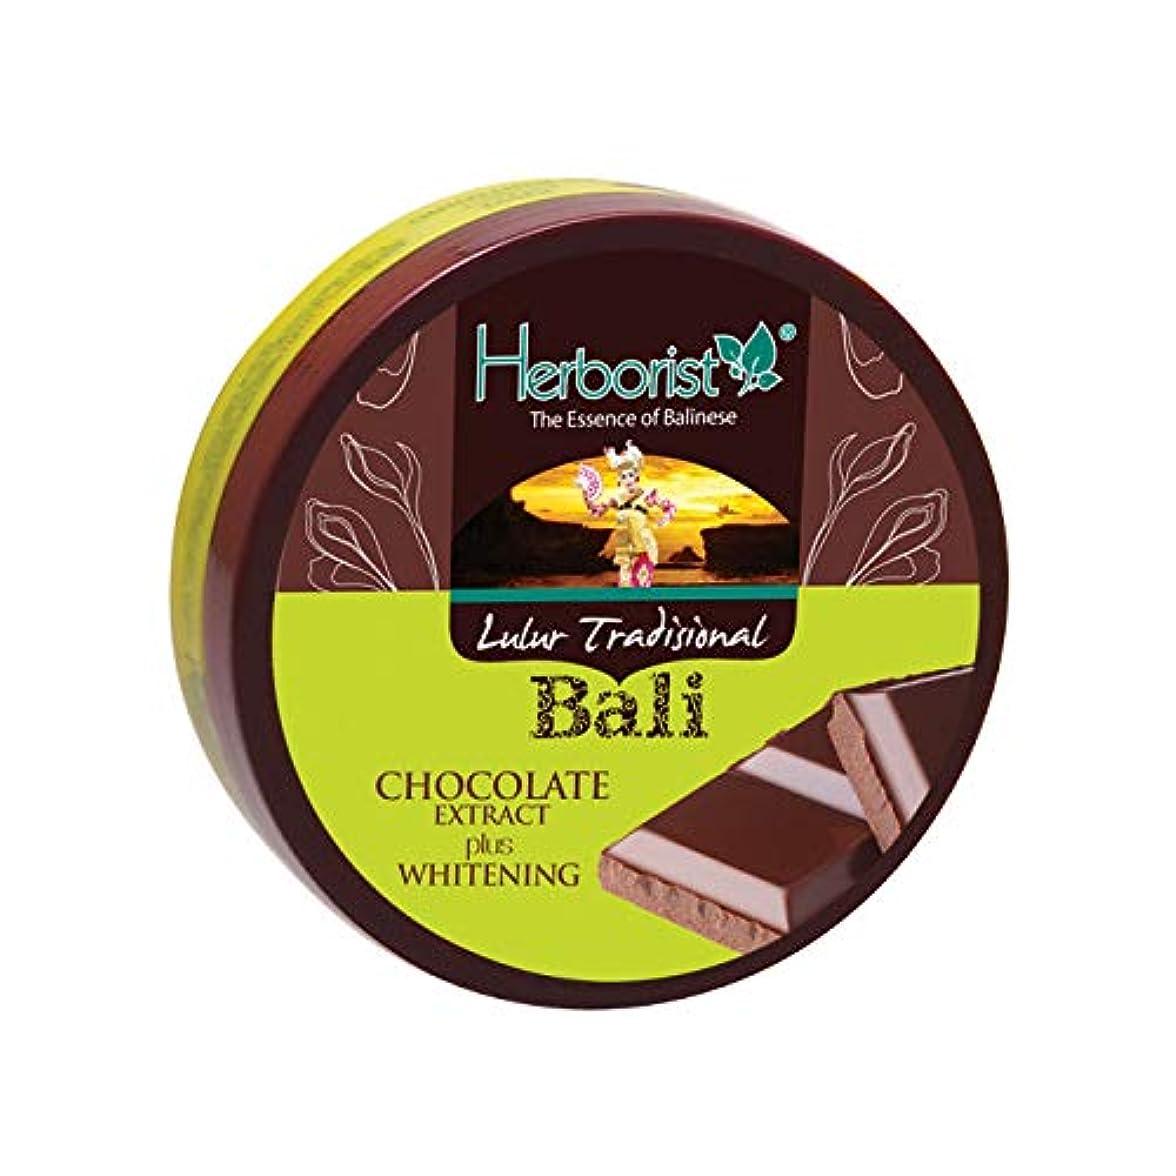 Herborist ハーボリスト インドネシアバリ島の伝統的なボディスクラブ Lulur Tradisional Bali ルルールトラディショナルバリ 100g Chocolate チョコレート [海外直送品]